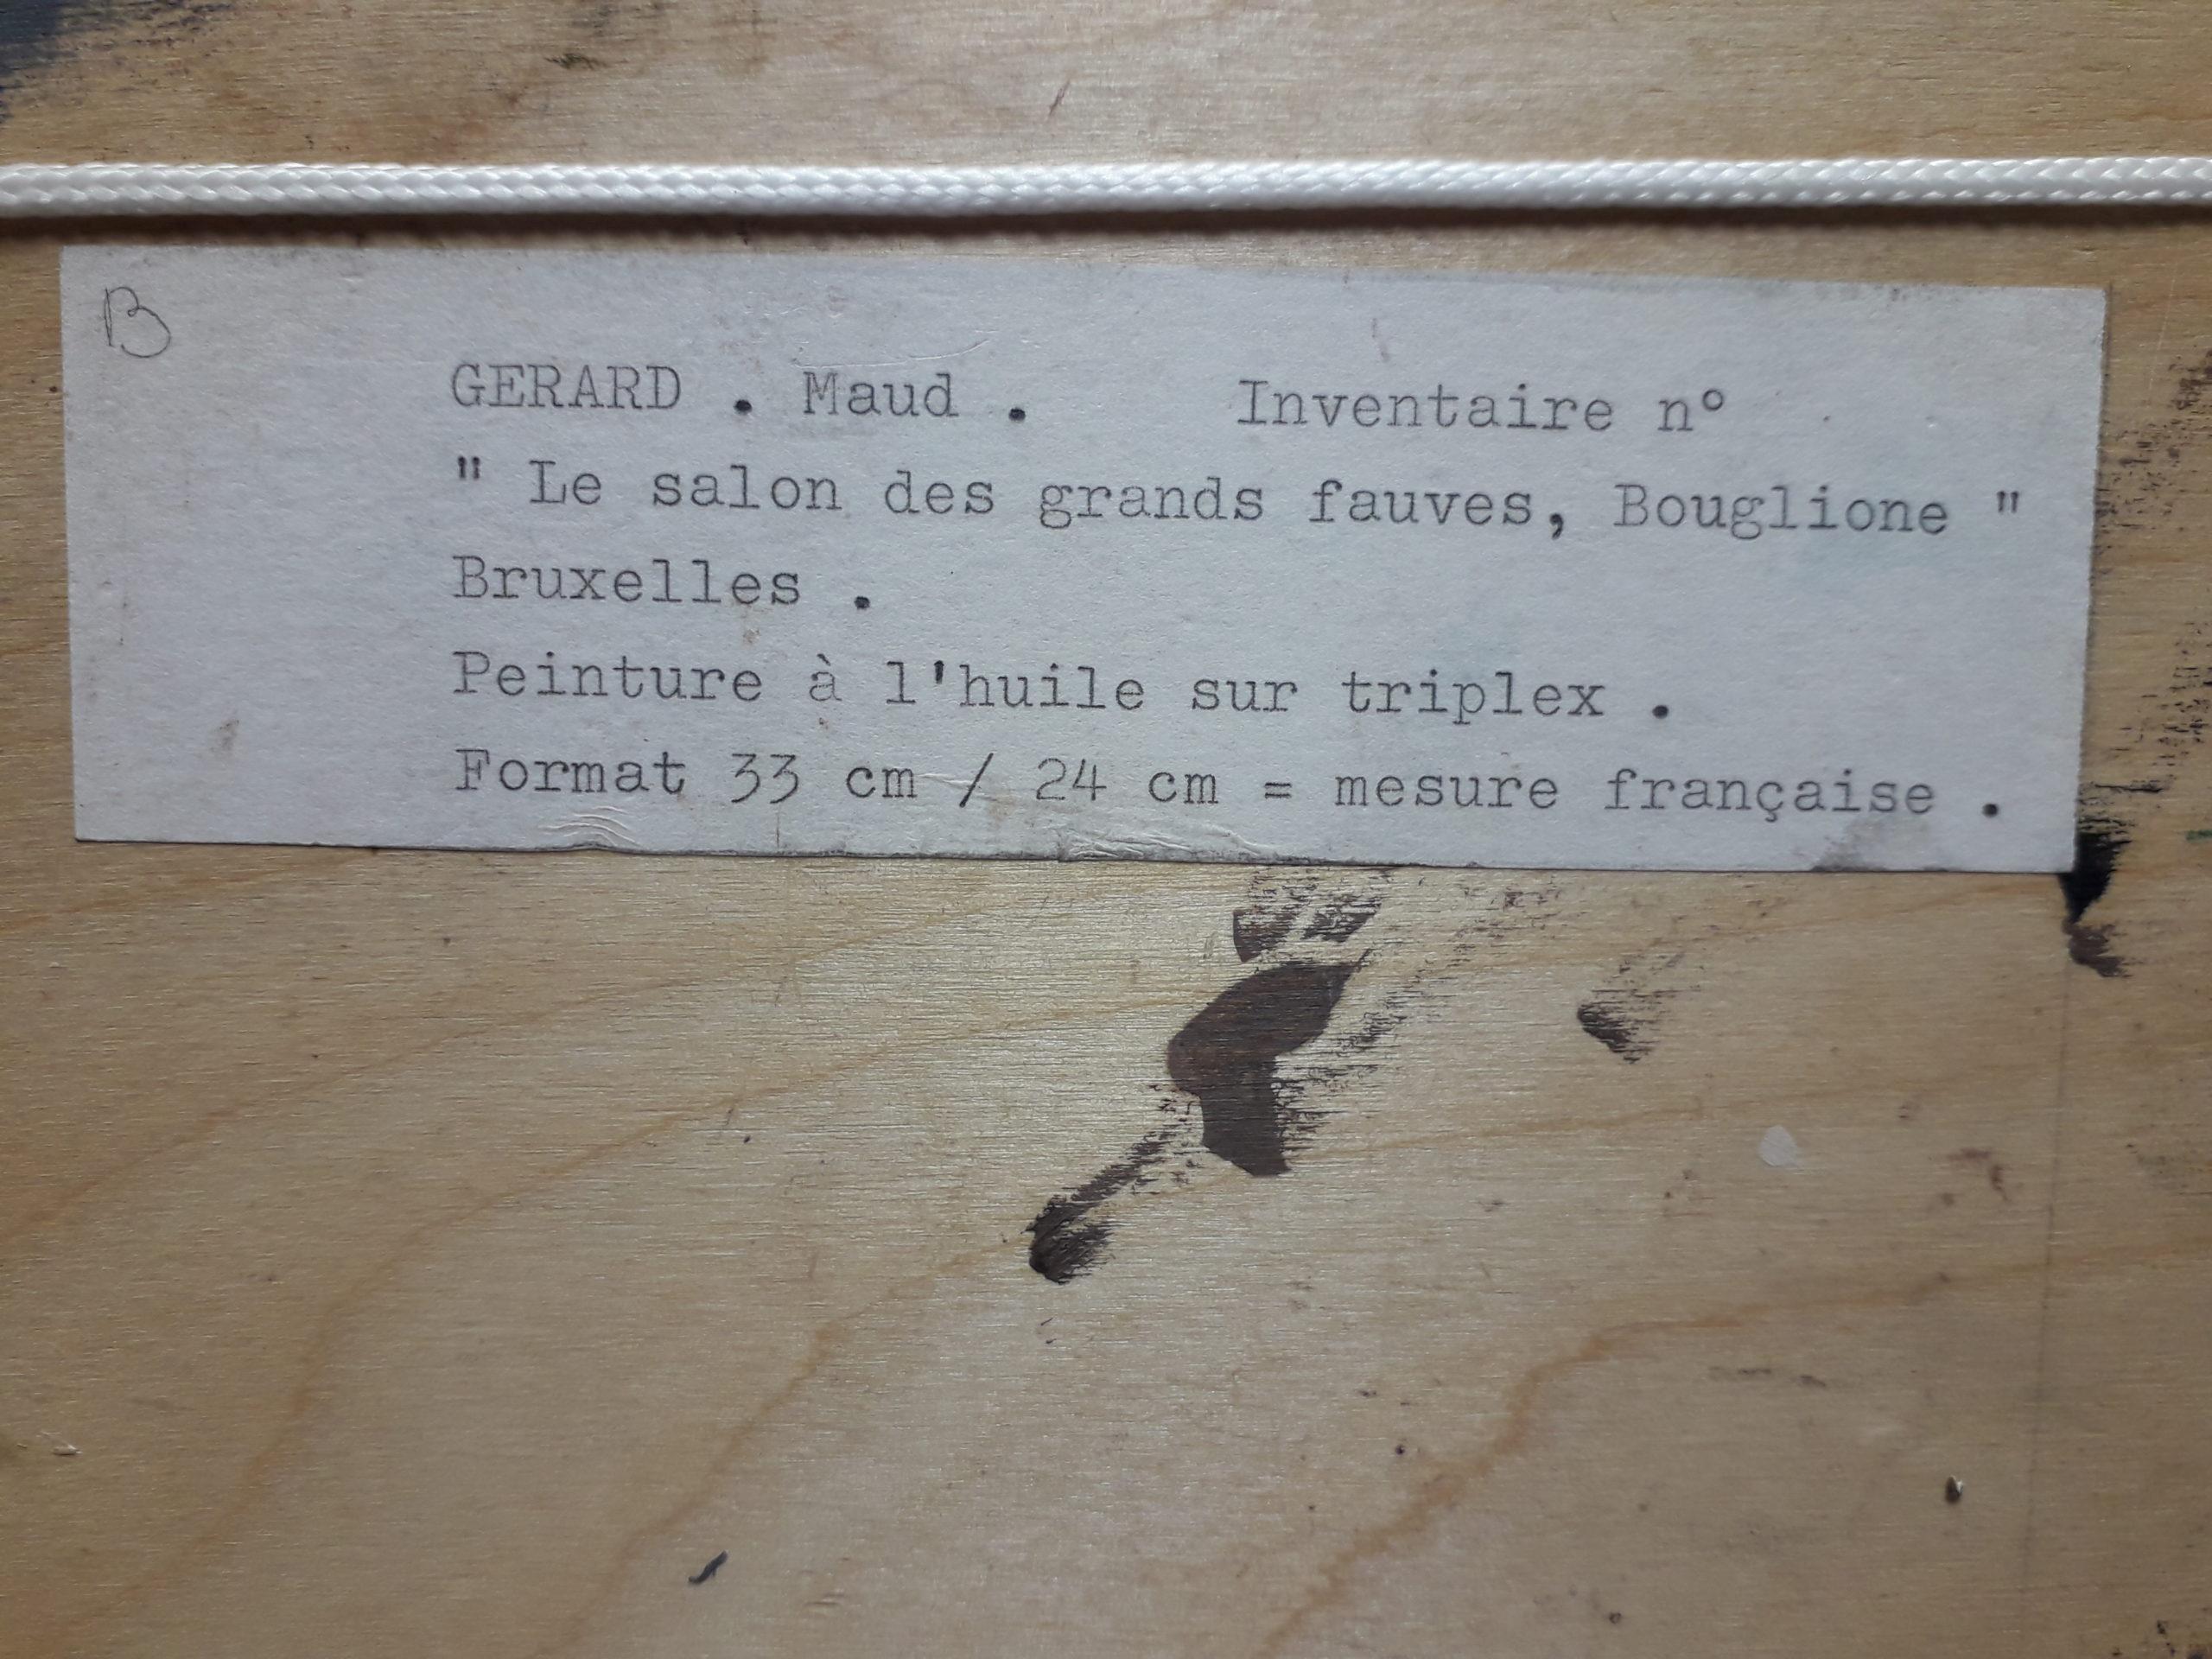 Gerard-maud-le-salon-des-grands-fauves-bouglione-verso-detail